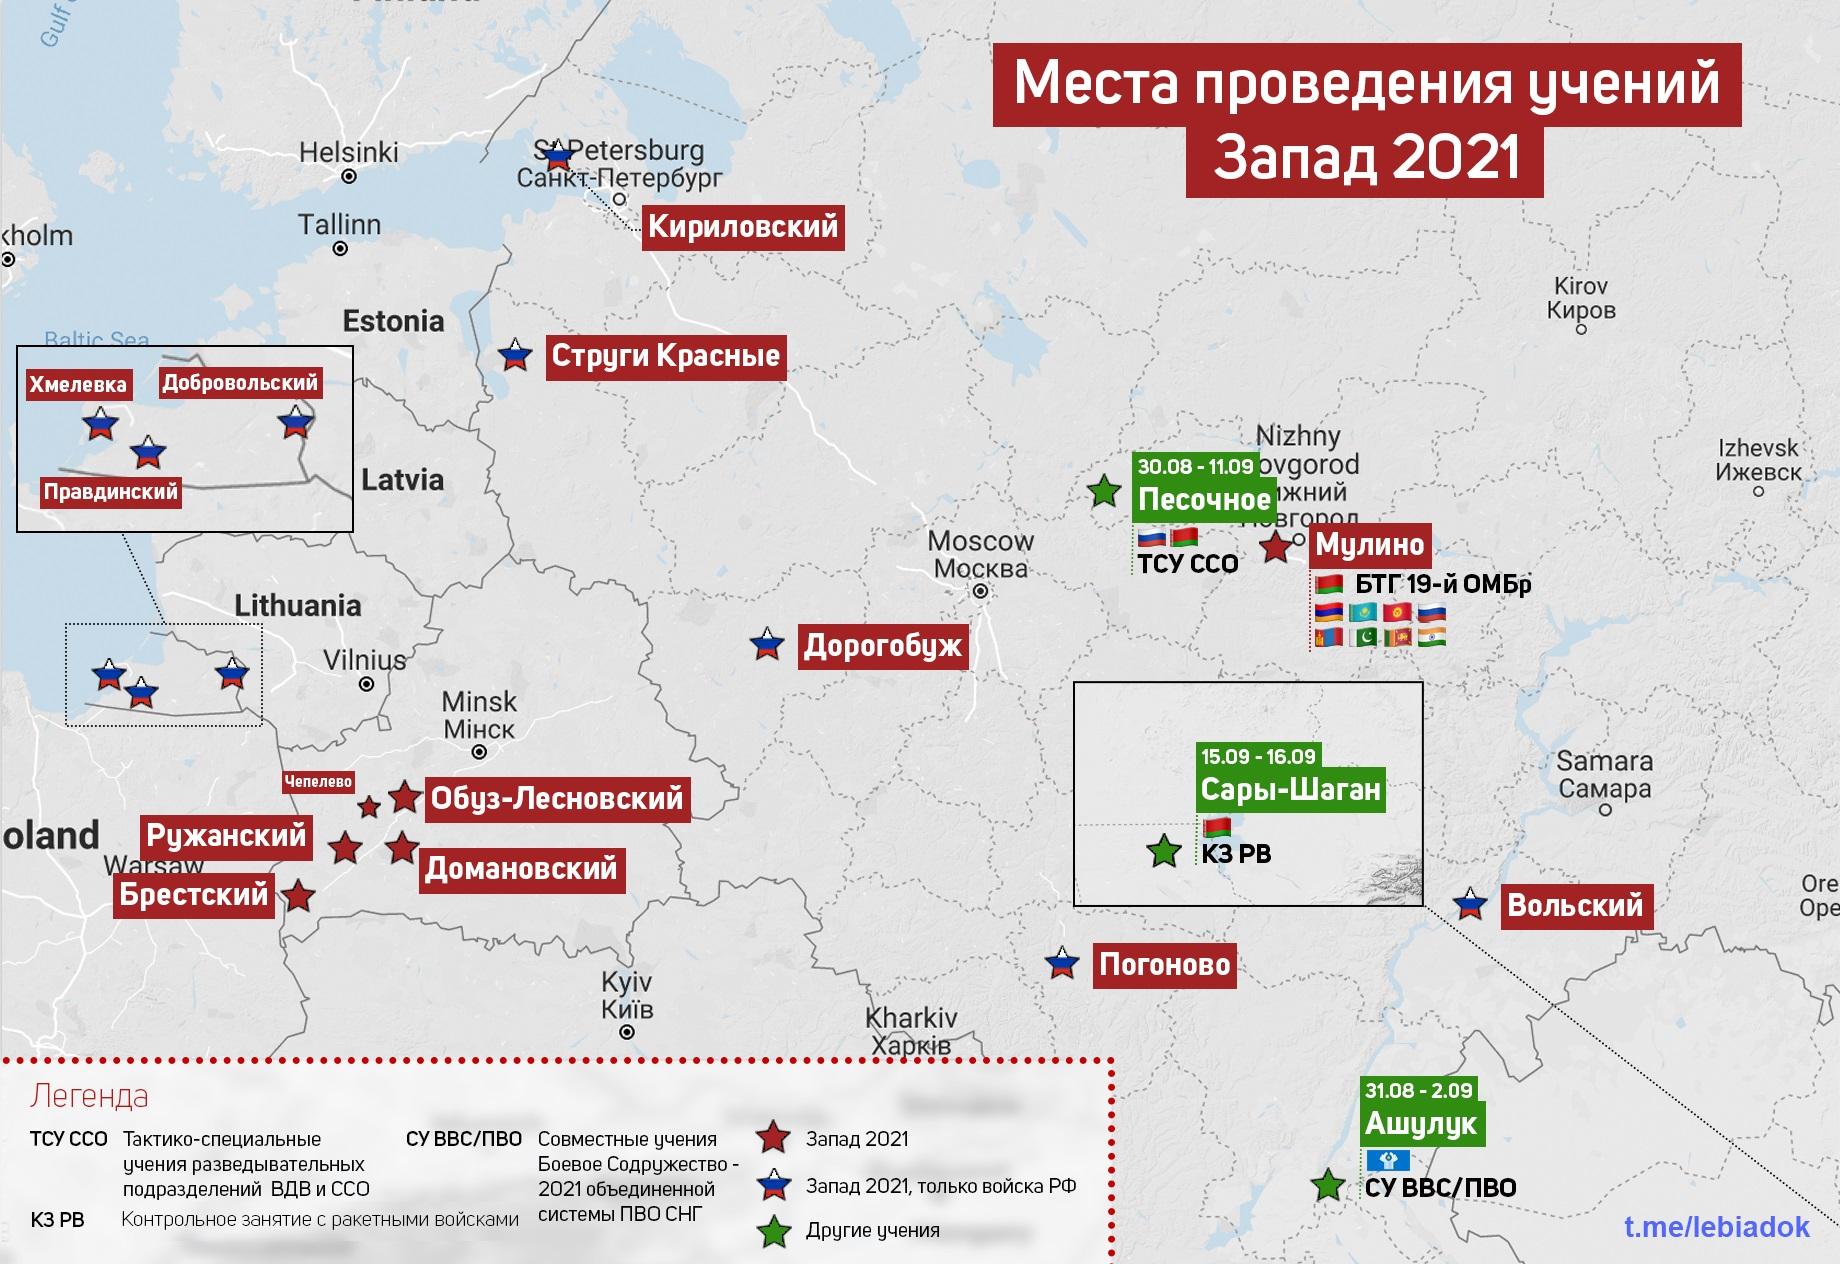 """""""Гра в танки"""". Навіщо Путін імітує """"війну з НАТО"""" на тлі рекордно низького рейтингу"""